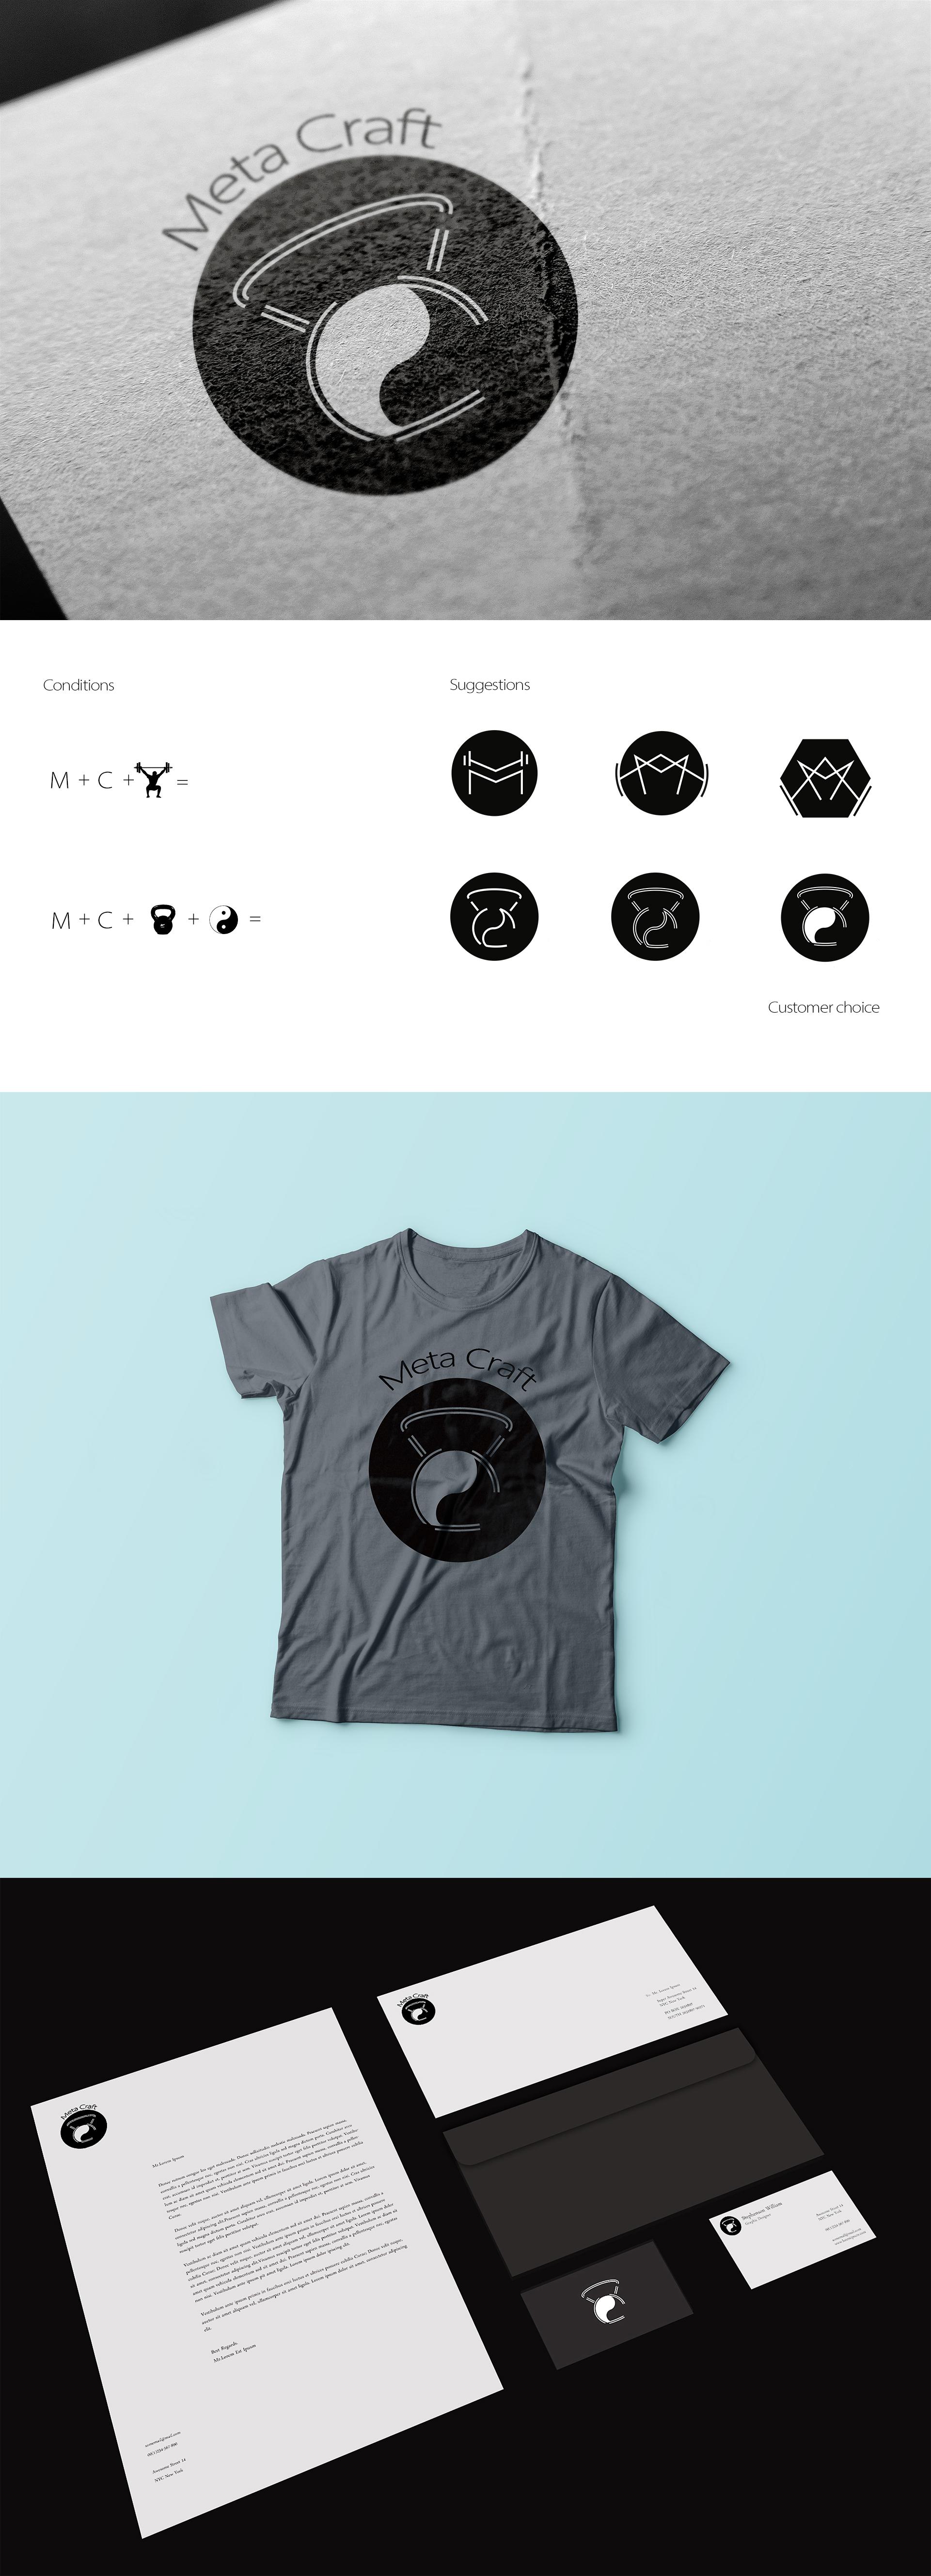 logo-idenyfikacja-wizualna-marki-meta craft-pawlowska-design